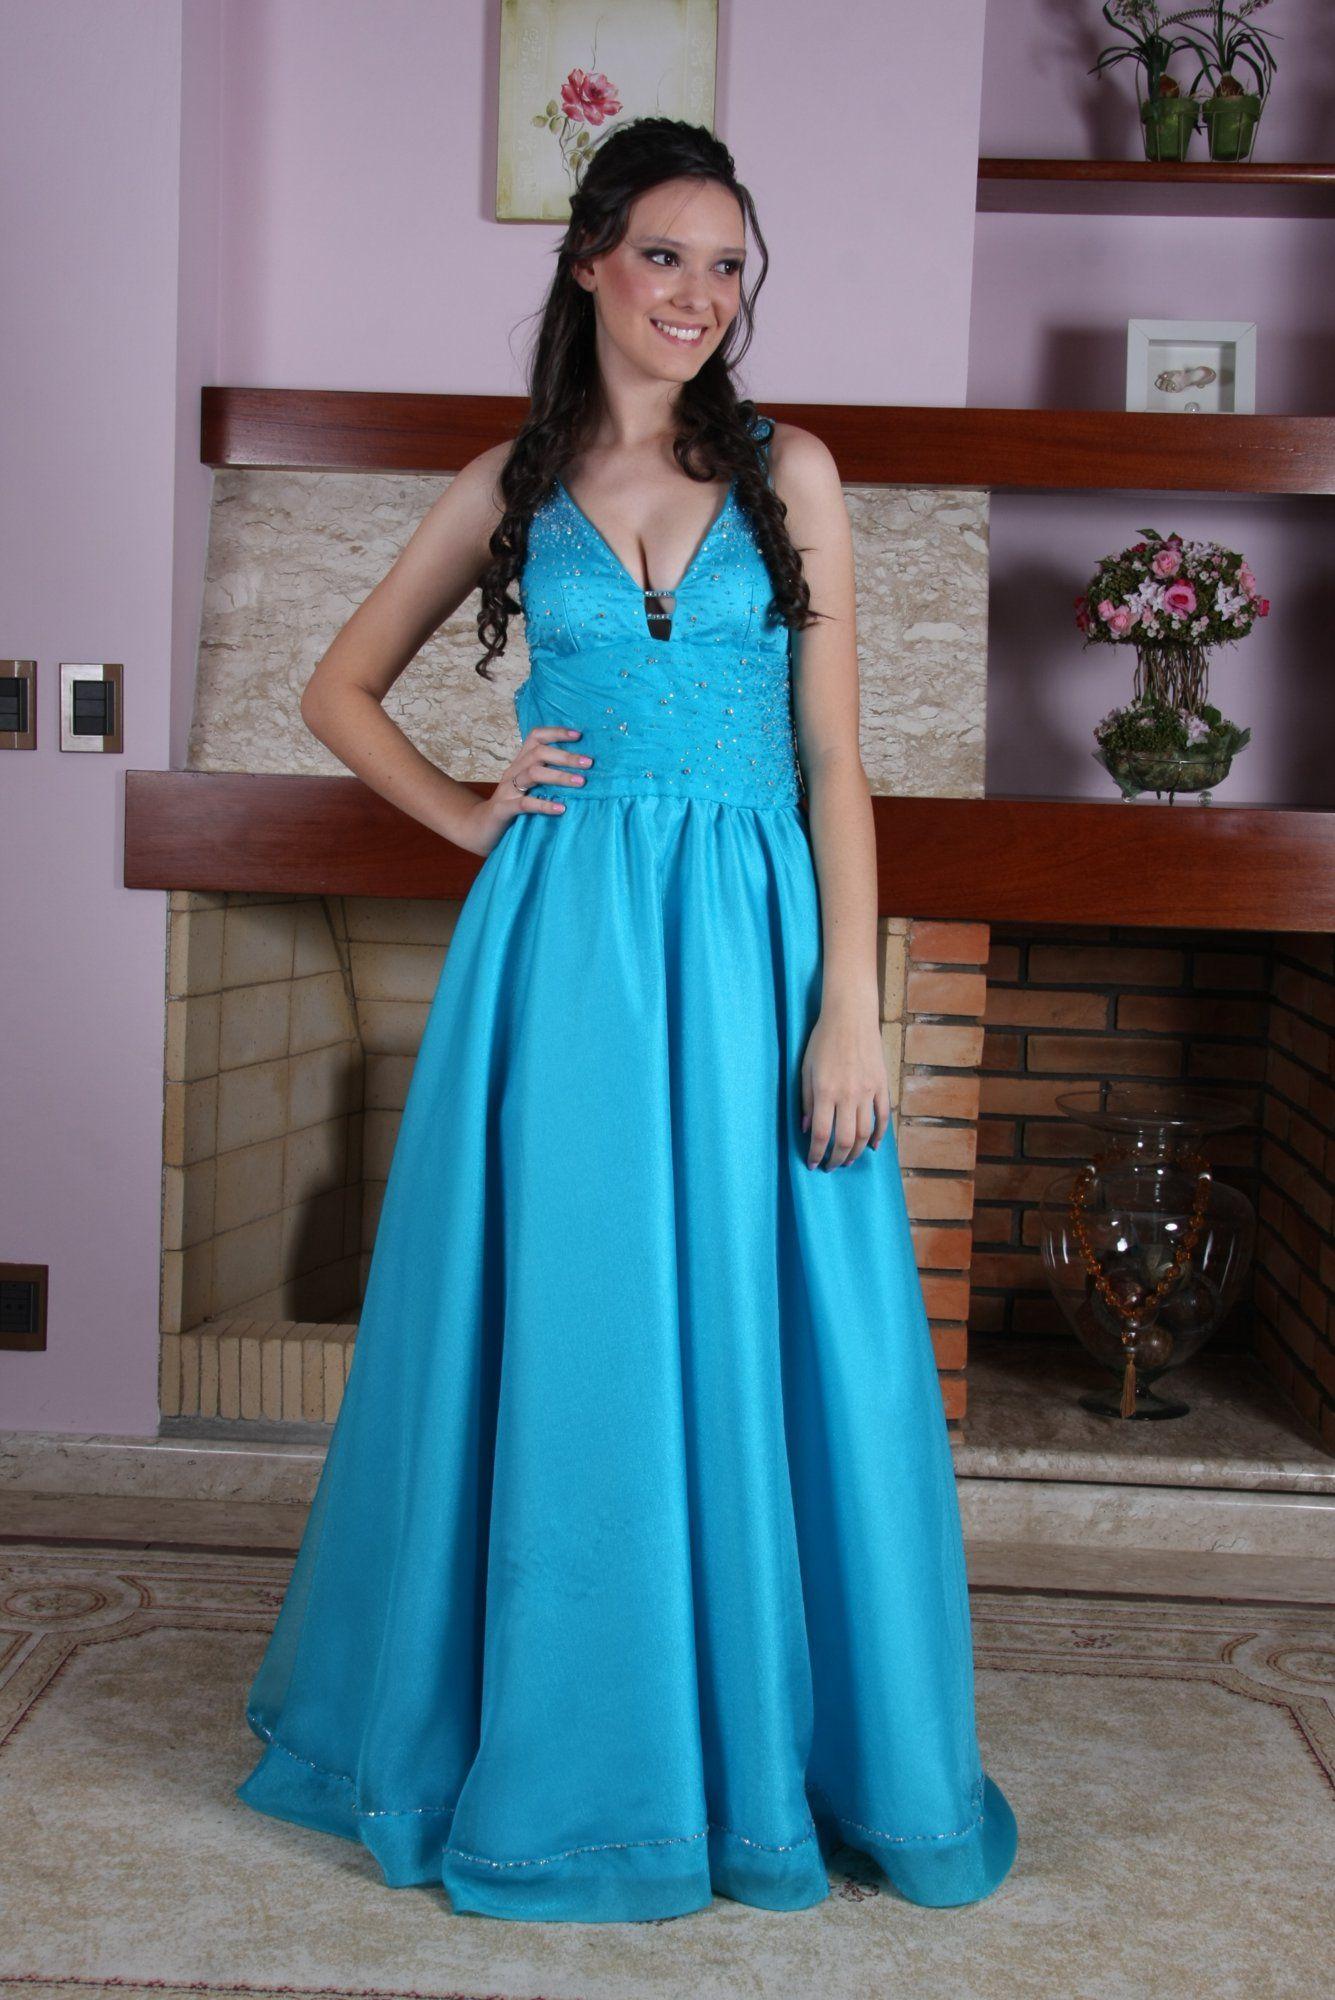 Vestido de Debutante Azul - 13 - Hipnose Alta Costura e Spa para Noivas e Noivos - Campinas - SP Vestido de Debutante, Vestido de Debutante Azul, Hipnose Alta Costura